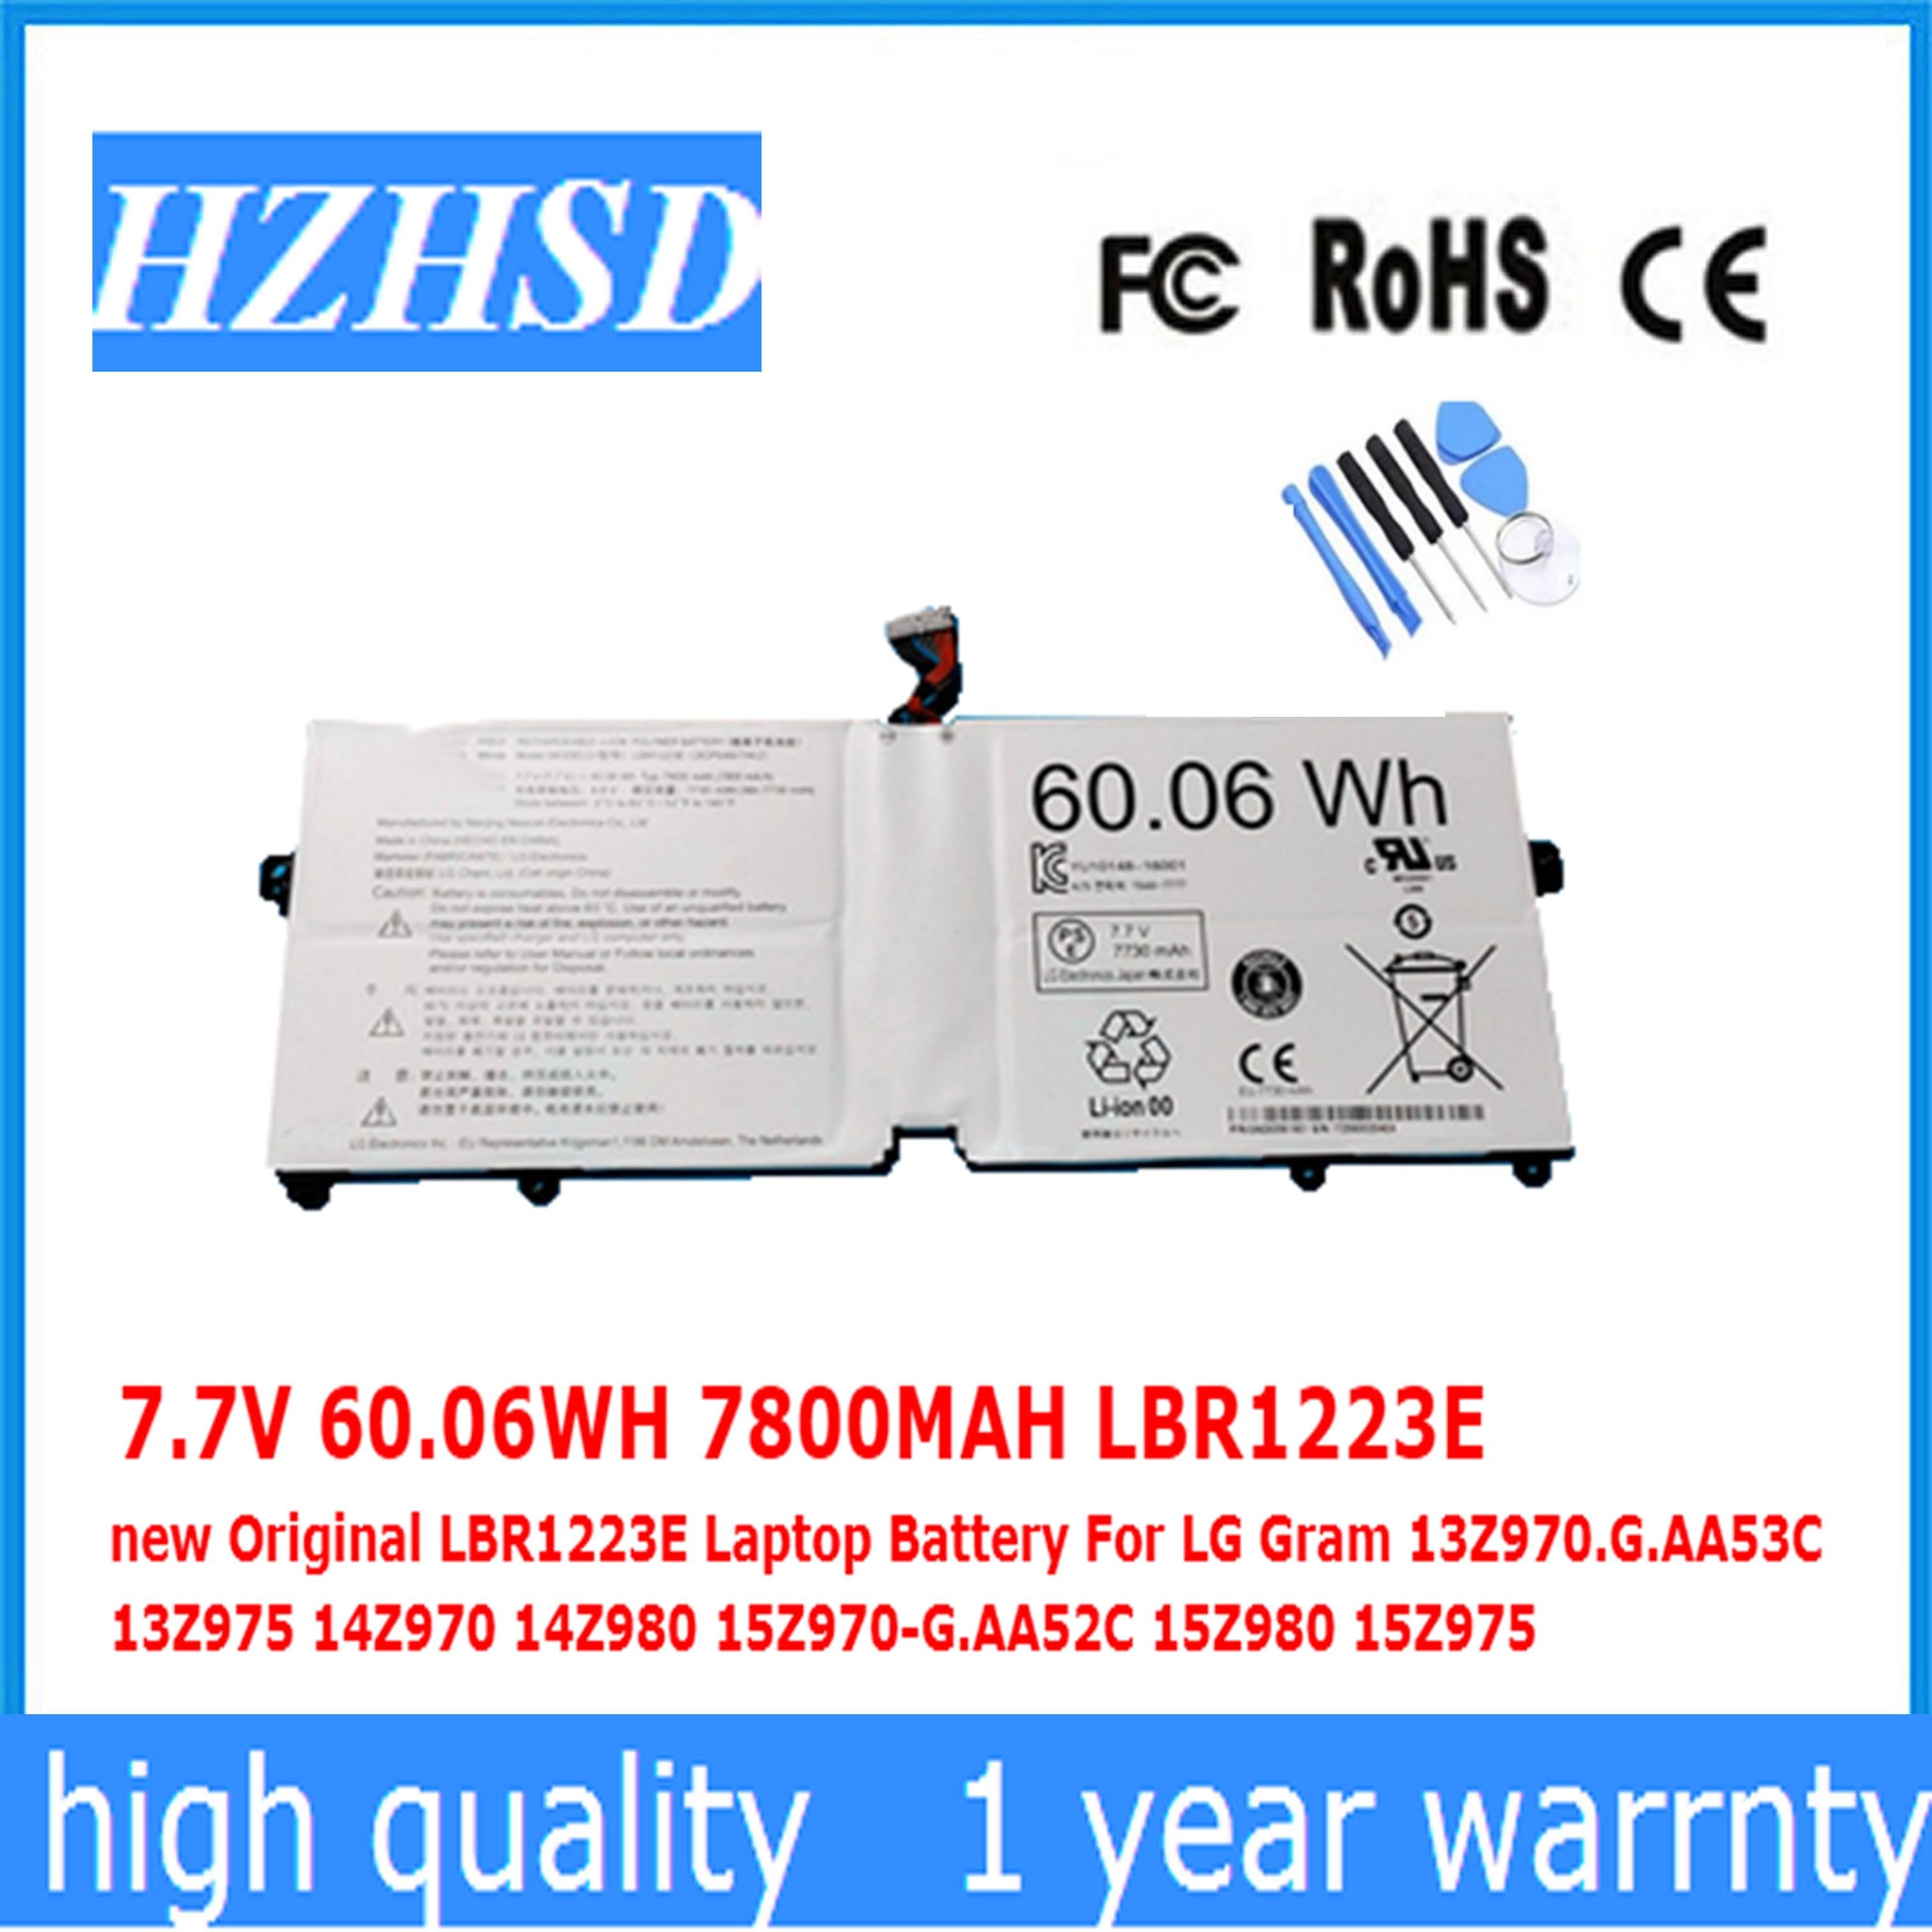 7.7V 60.06WH 7800MAH LBR1223E new Original LBR1223E Laptop Battery For LG Gram 13Z970.G.AA53C 13Z975 14Z970 14Z980 15Z970-G.AA